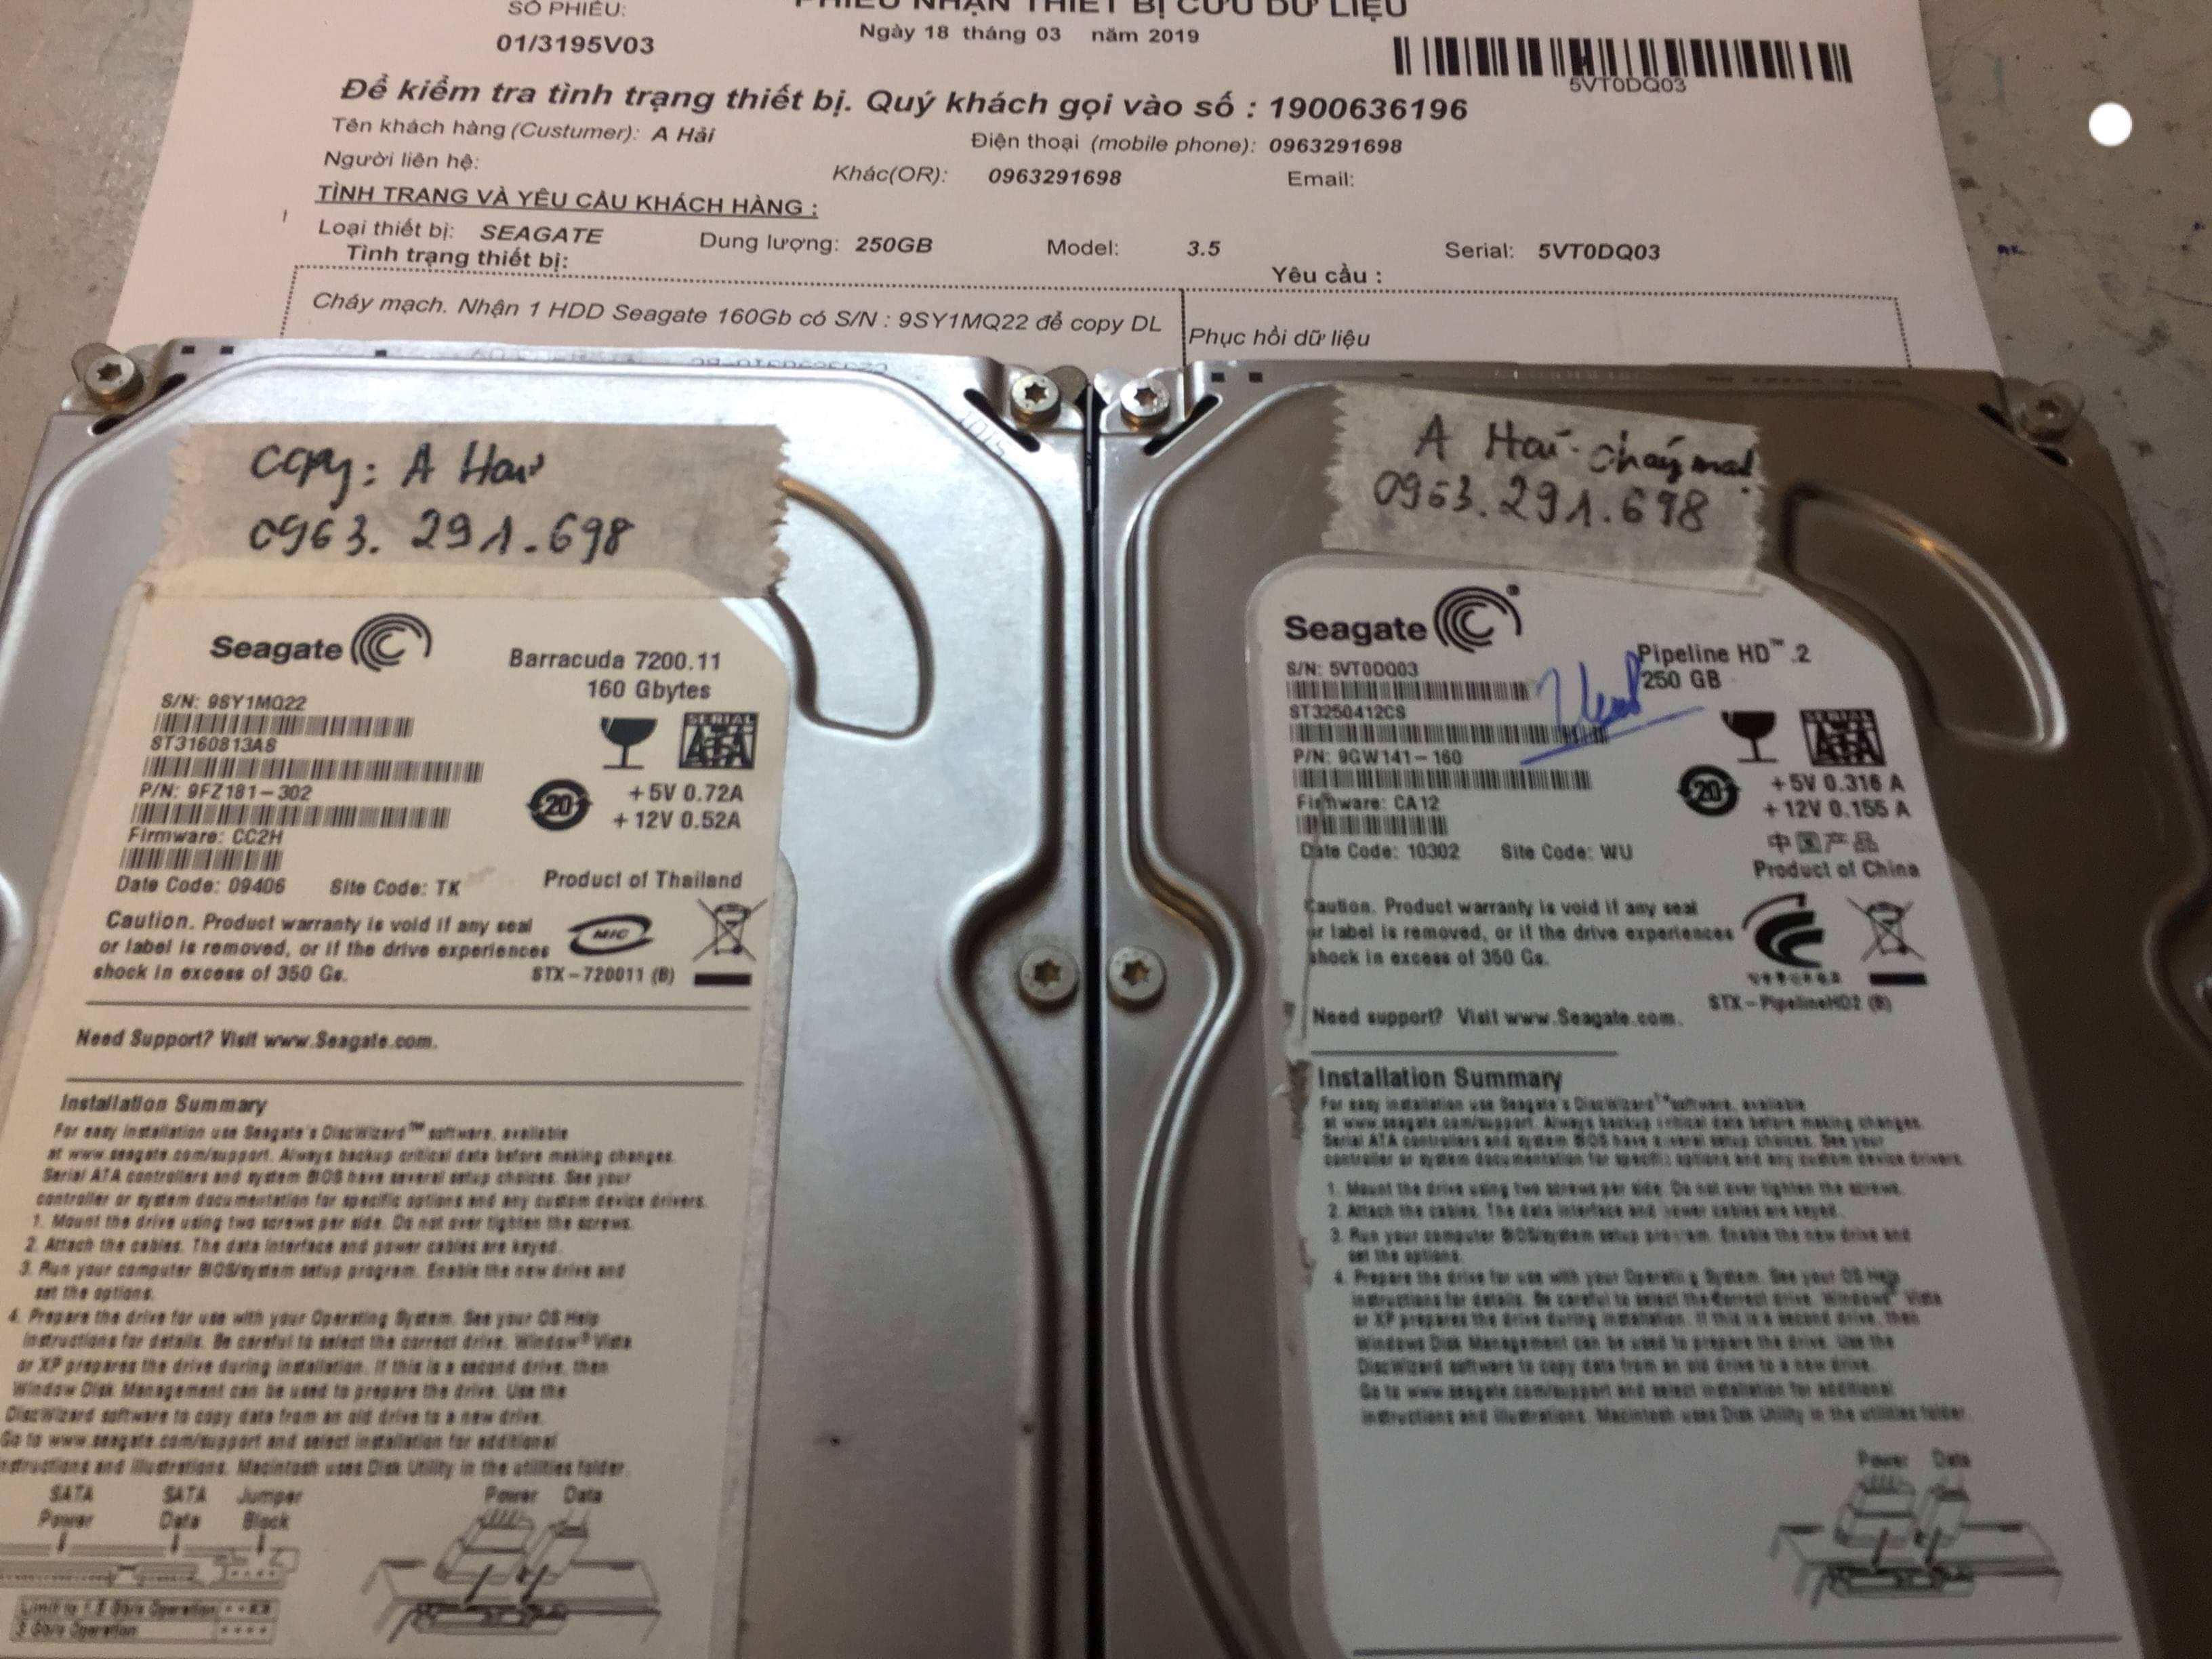 Cứu dữ liệu ổ cứng Seagate 250GB cháy mạch 18/03/2019 - cuumaytinh